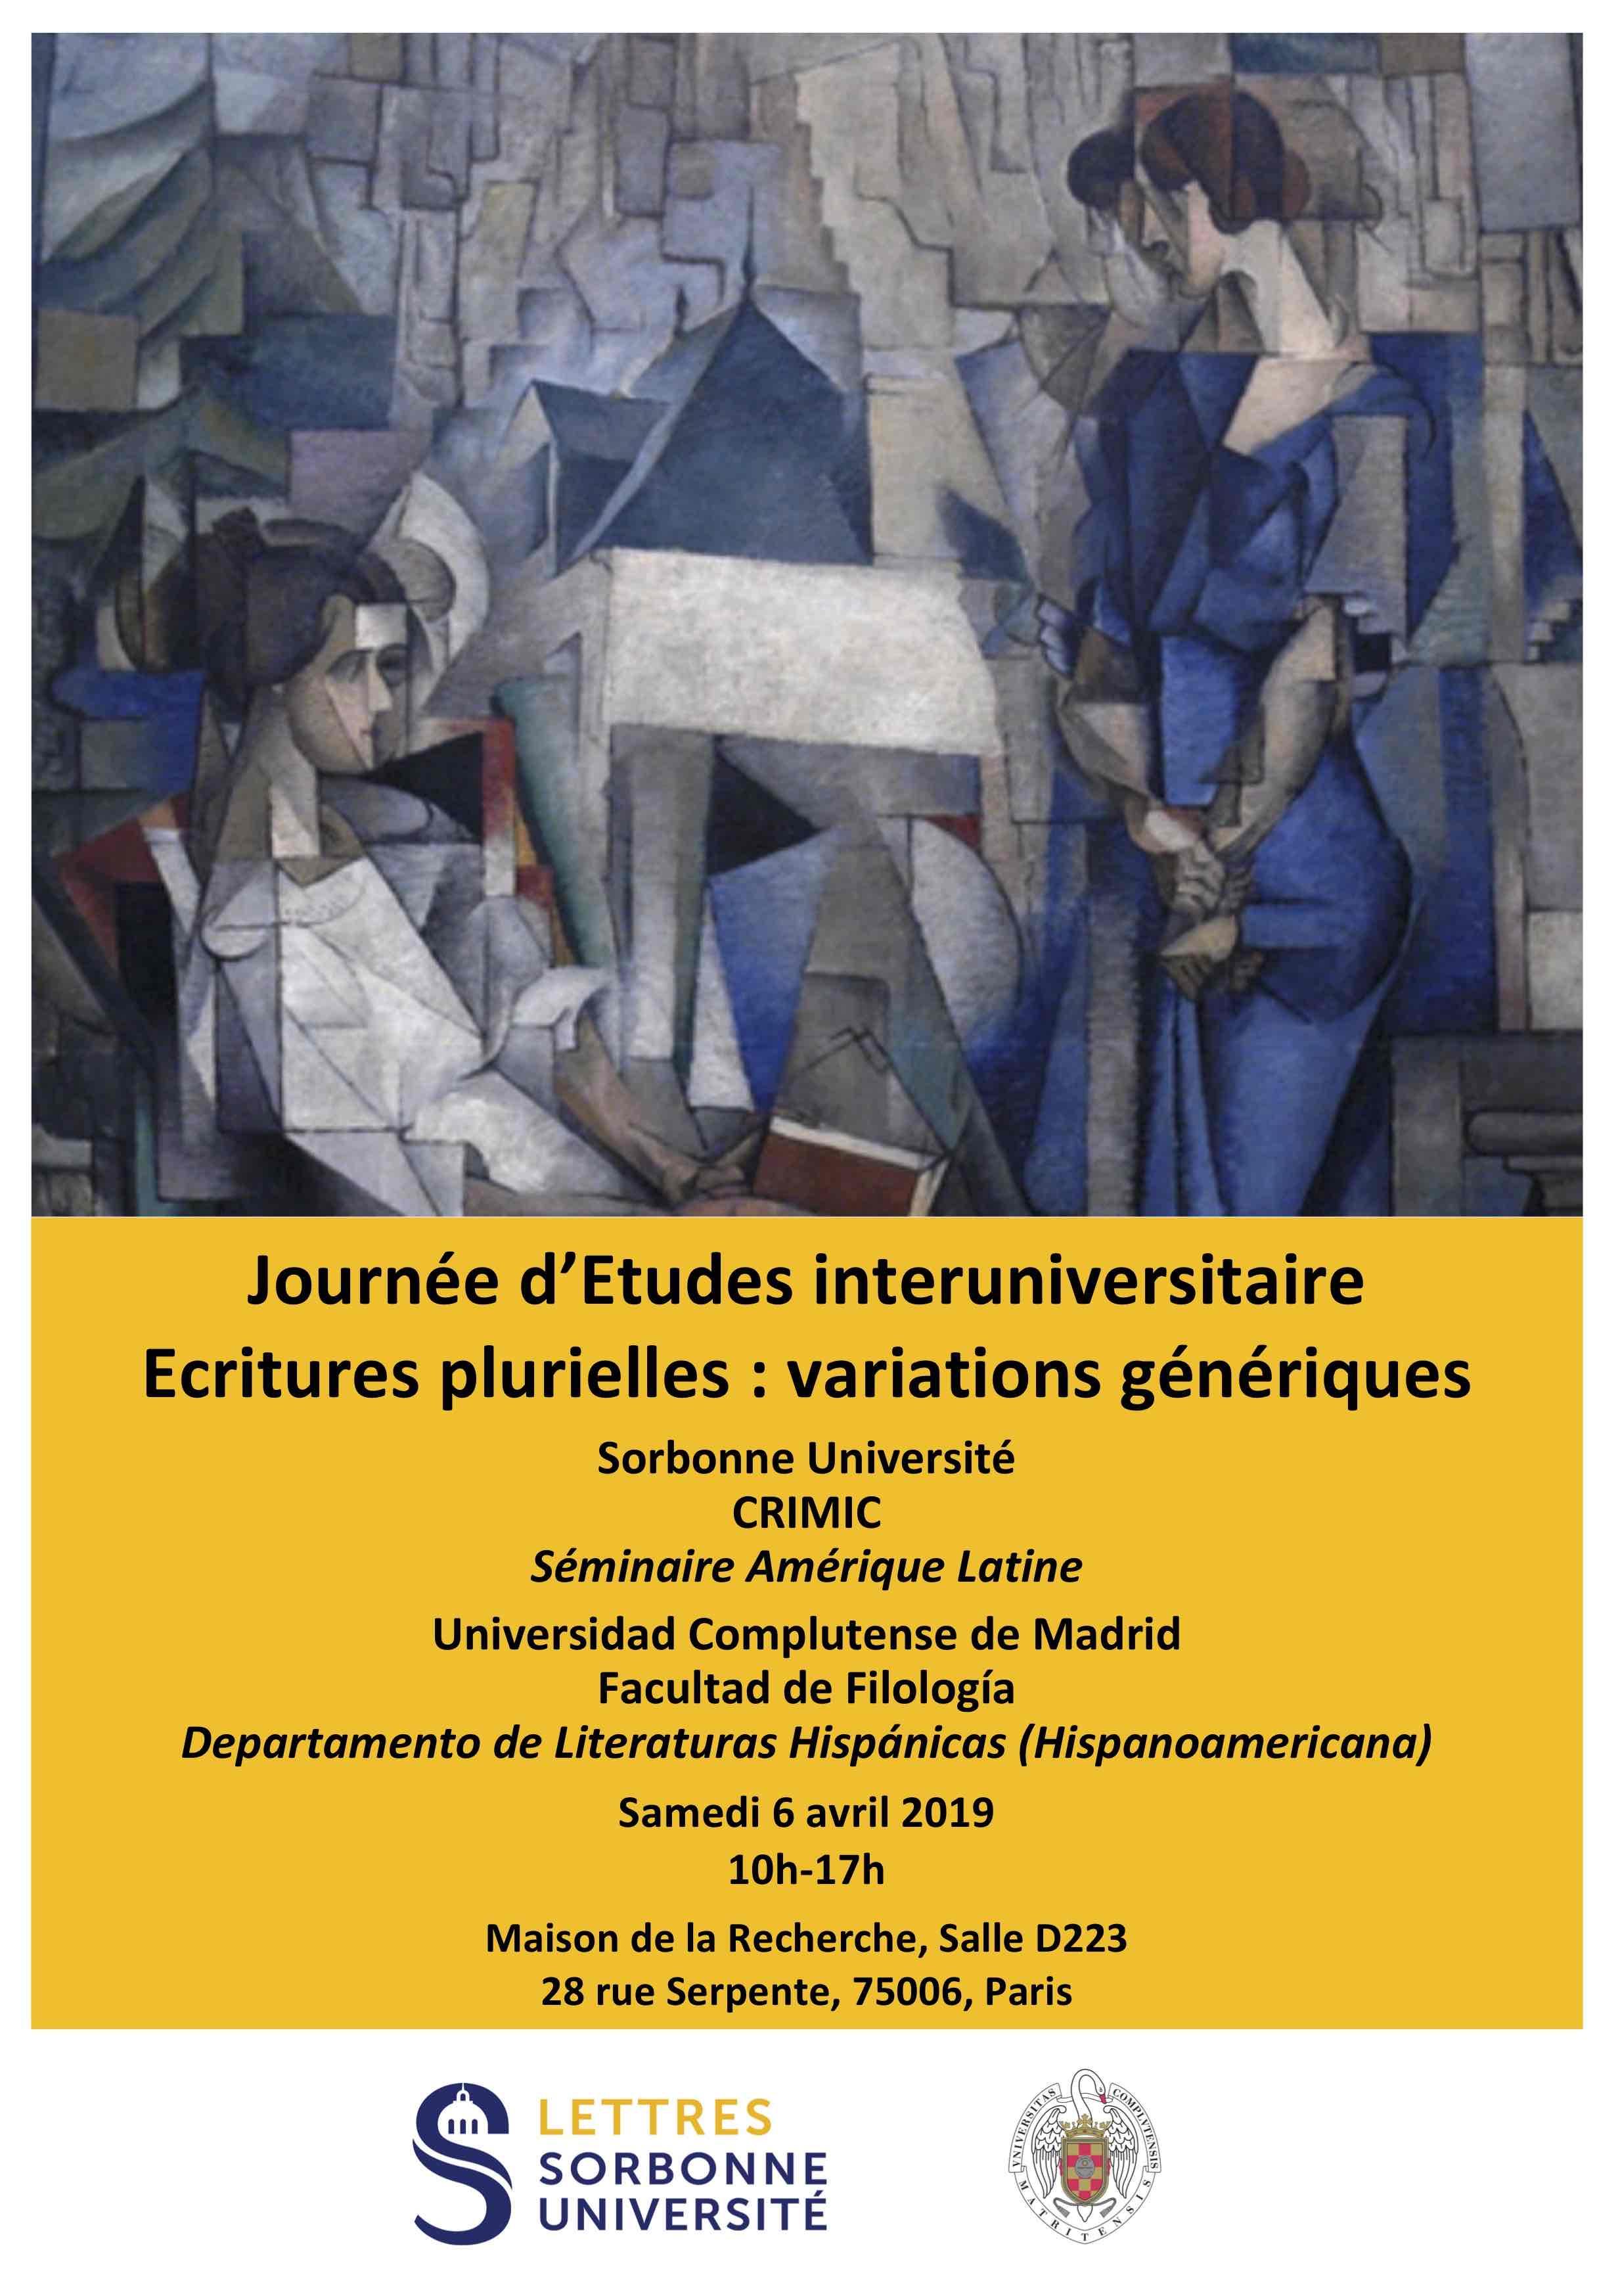 Journée d'Etudes Interuniversitaire « Ecritures plurielles : variations génériques »